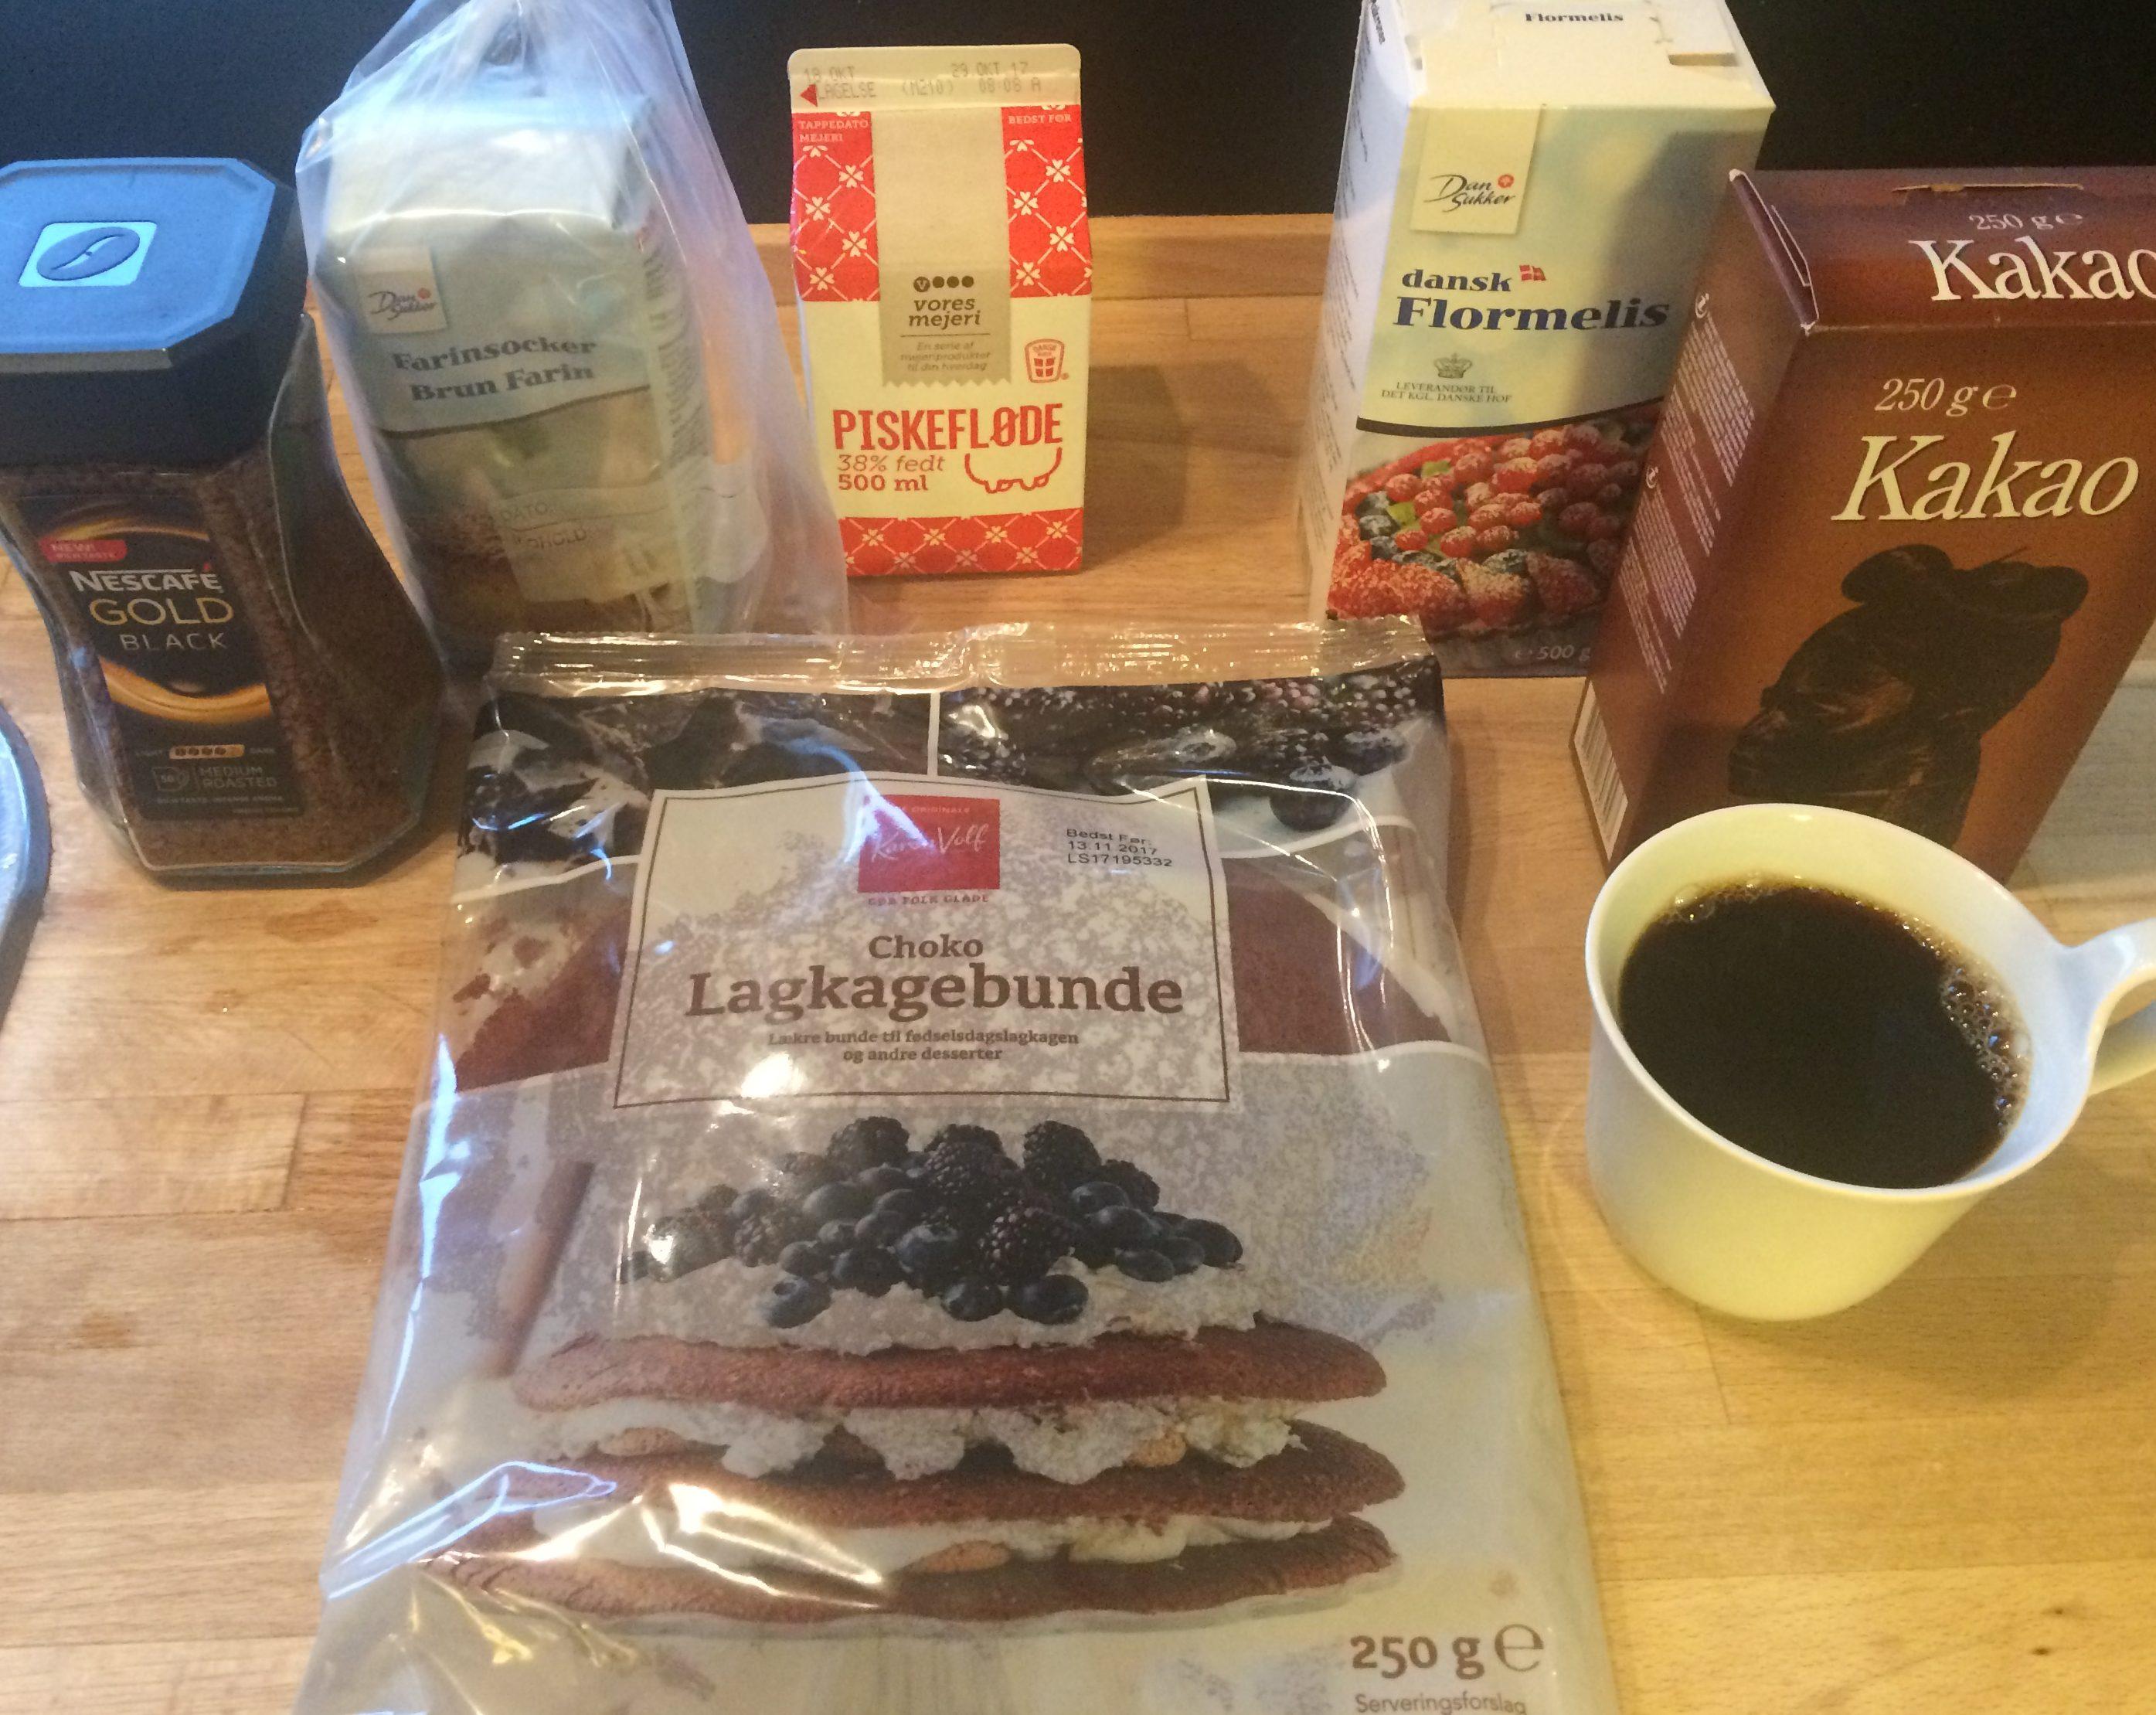 opskrift, kaffe, mokkalagkage, chokolade, lagkage, lækkerier, hygge, flødeskum